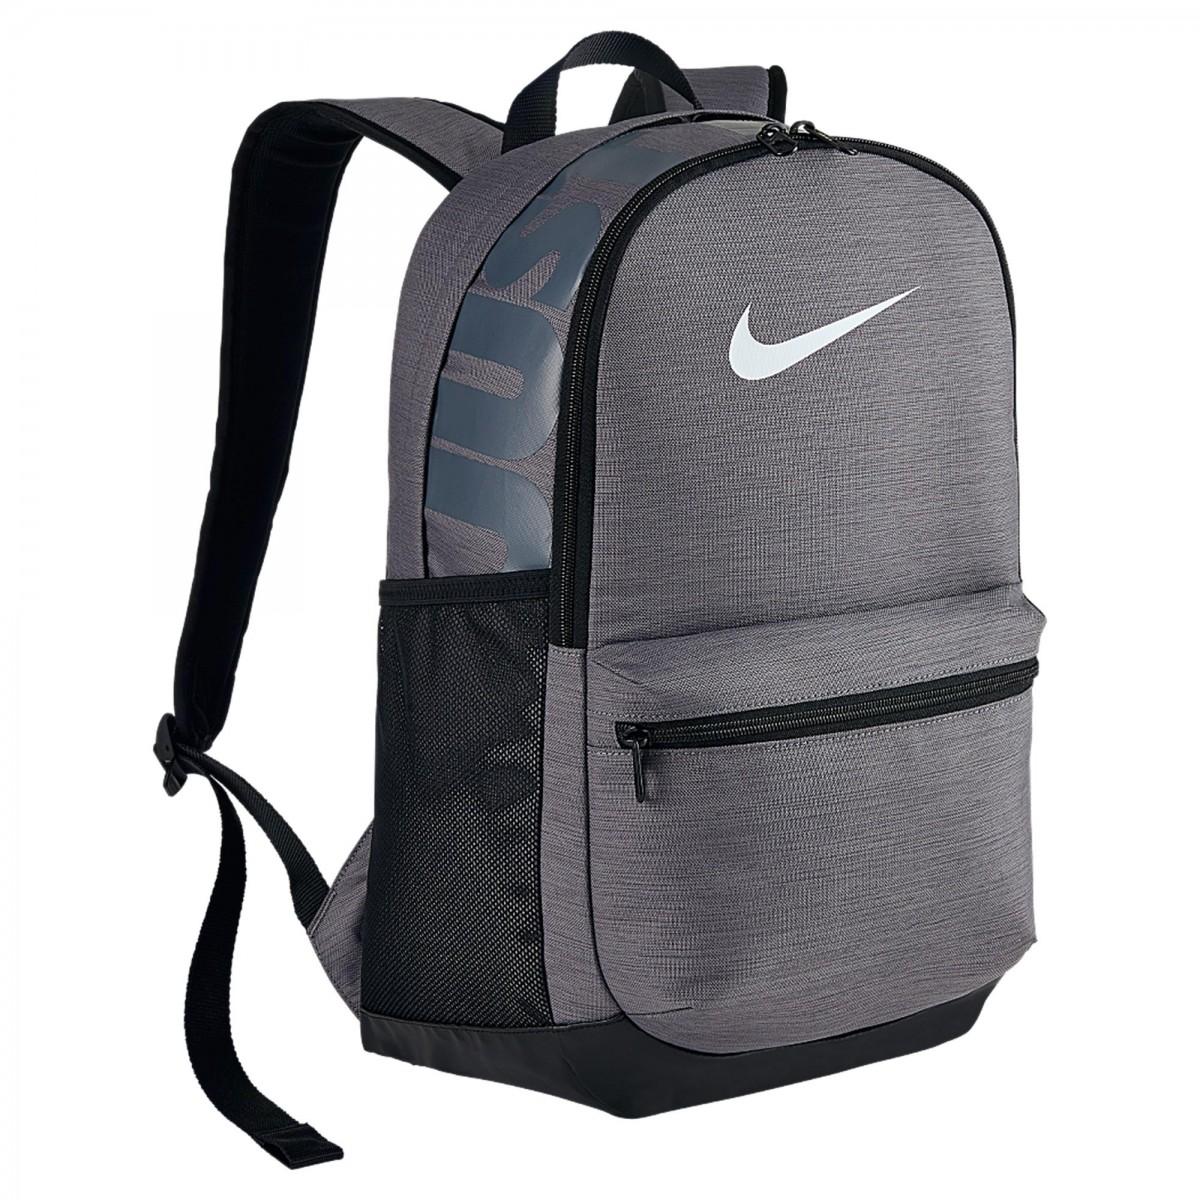 Mochila Nike Brasilia Backpack ecca0c1251f7f